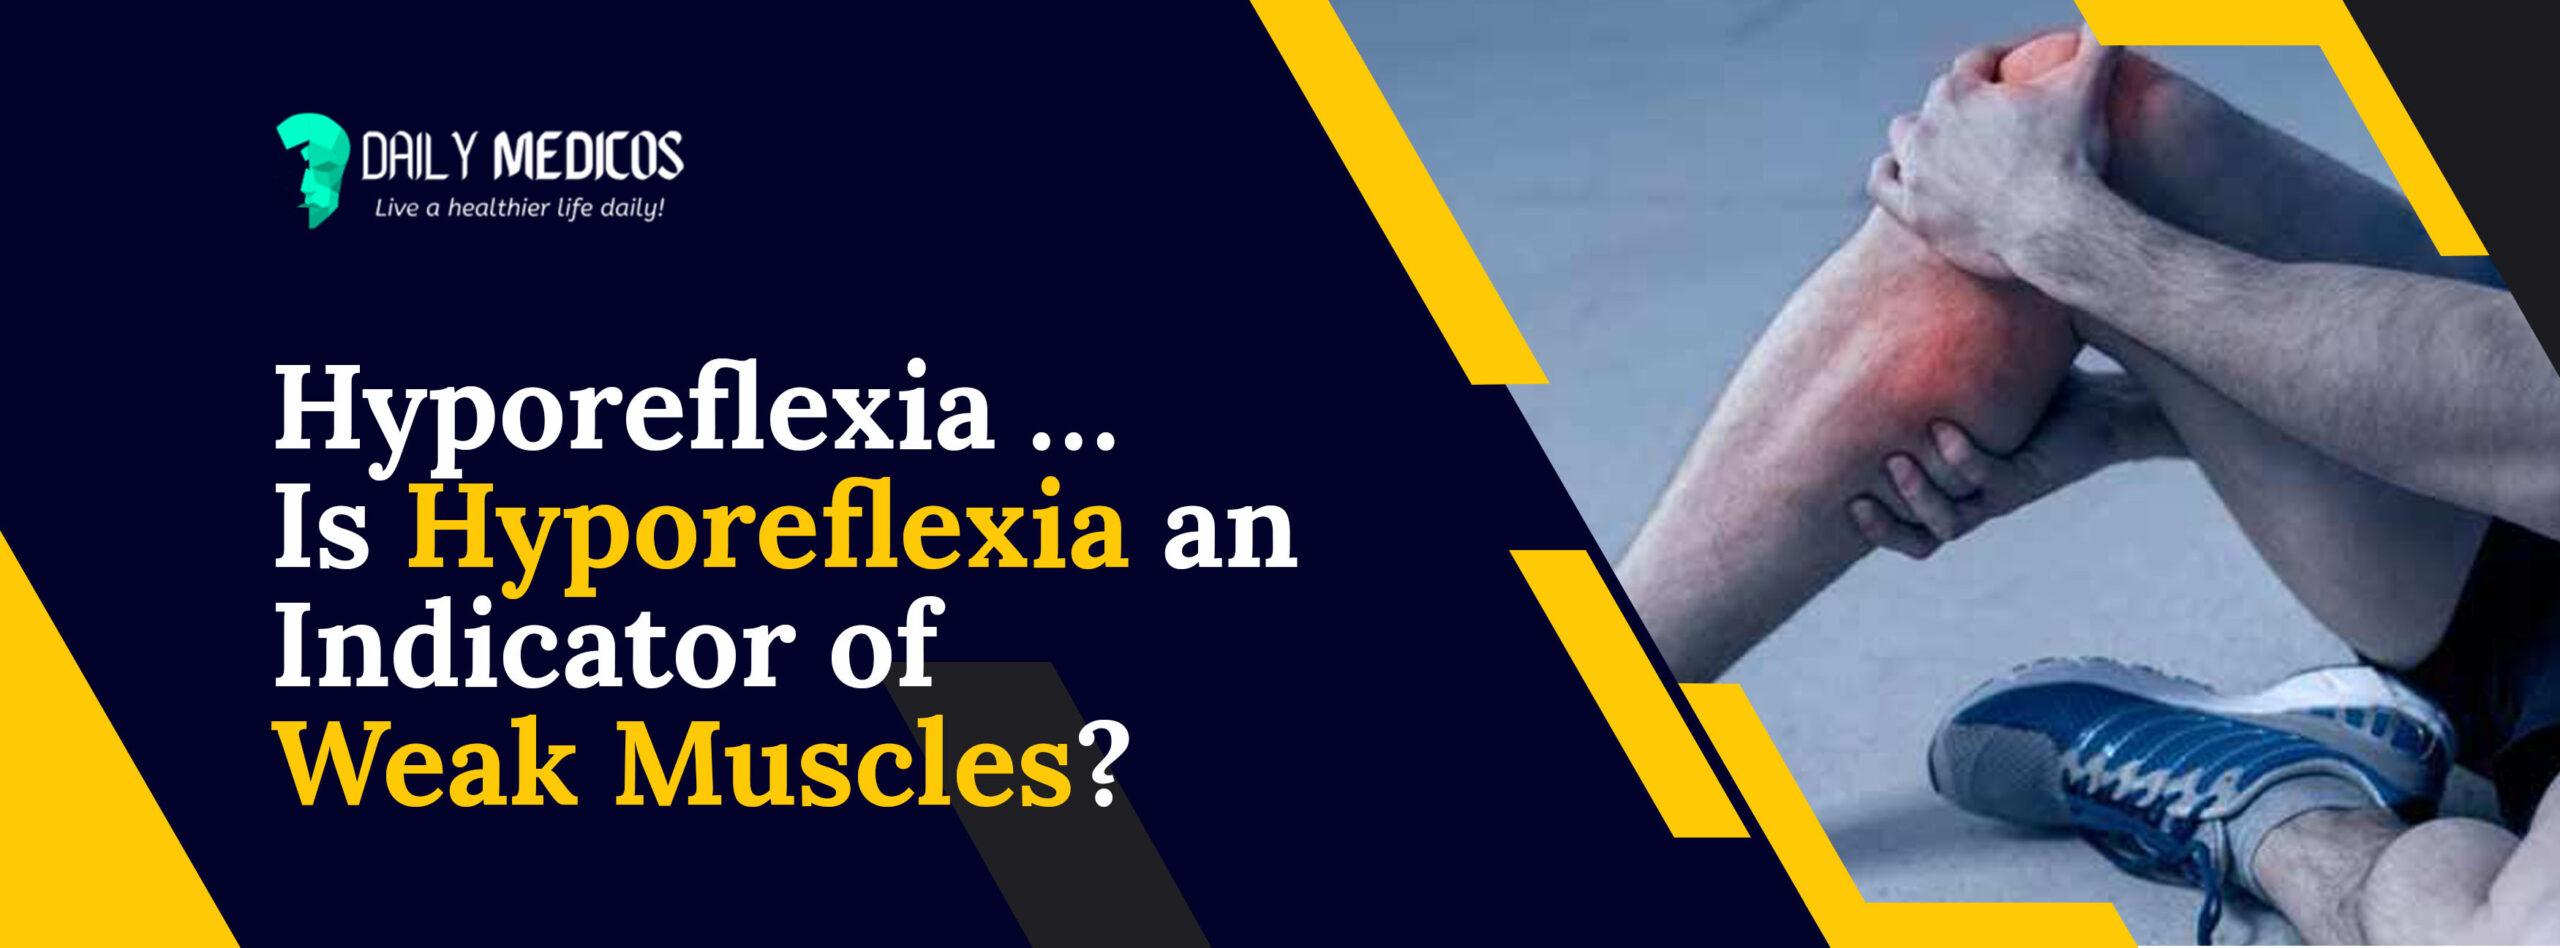 Hyporeflexia ...Is Hyporeflexia an Indicator of Weak Muscles? 1 - Daily Medicos